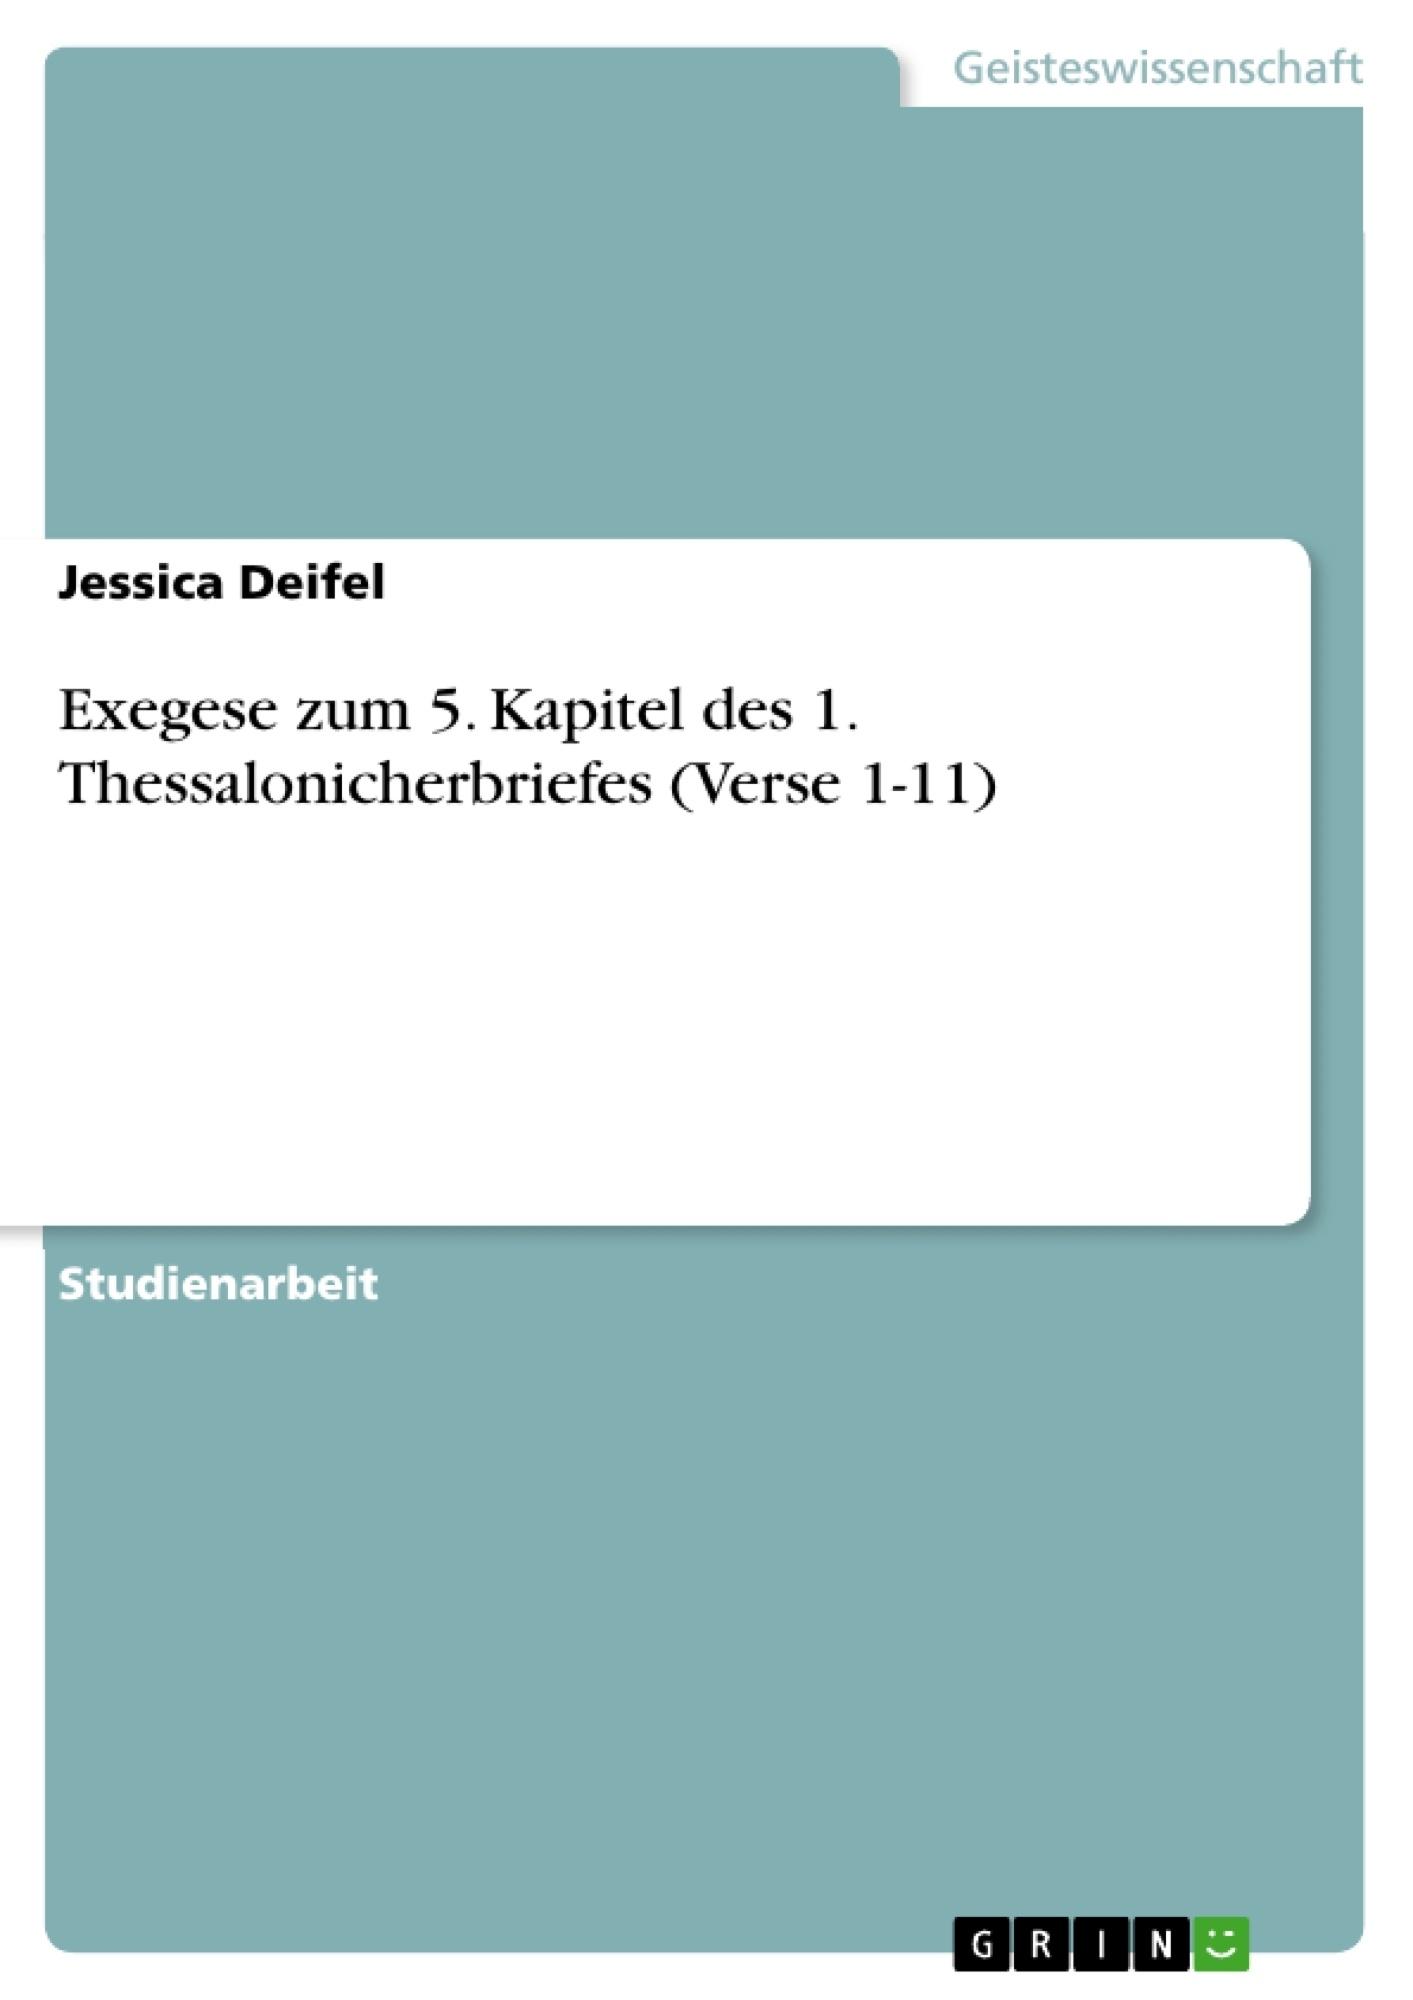 Titel: Exegese zum 5. Kapitel des 1. Thessalonicherbriefes (Verse 1-11)